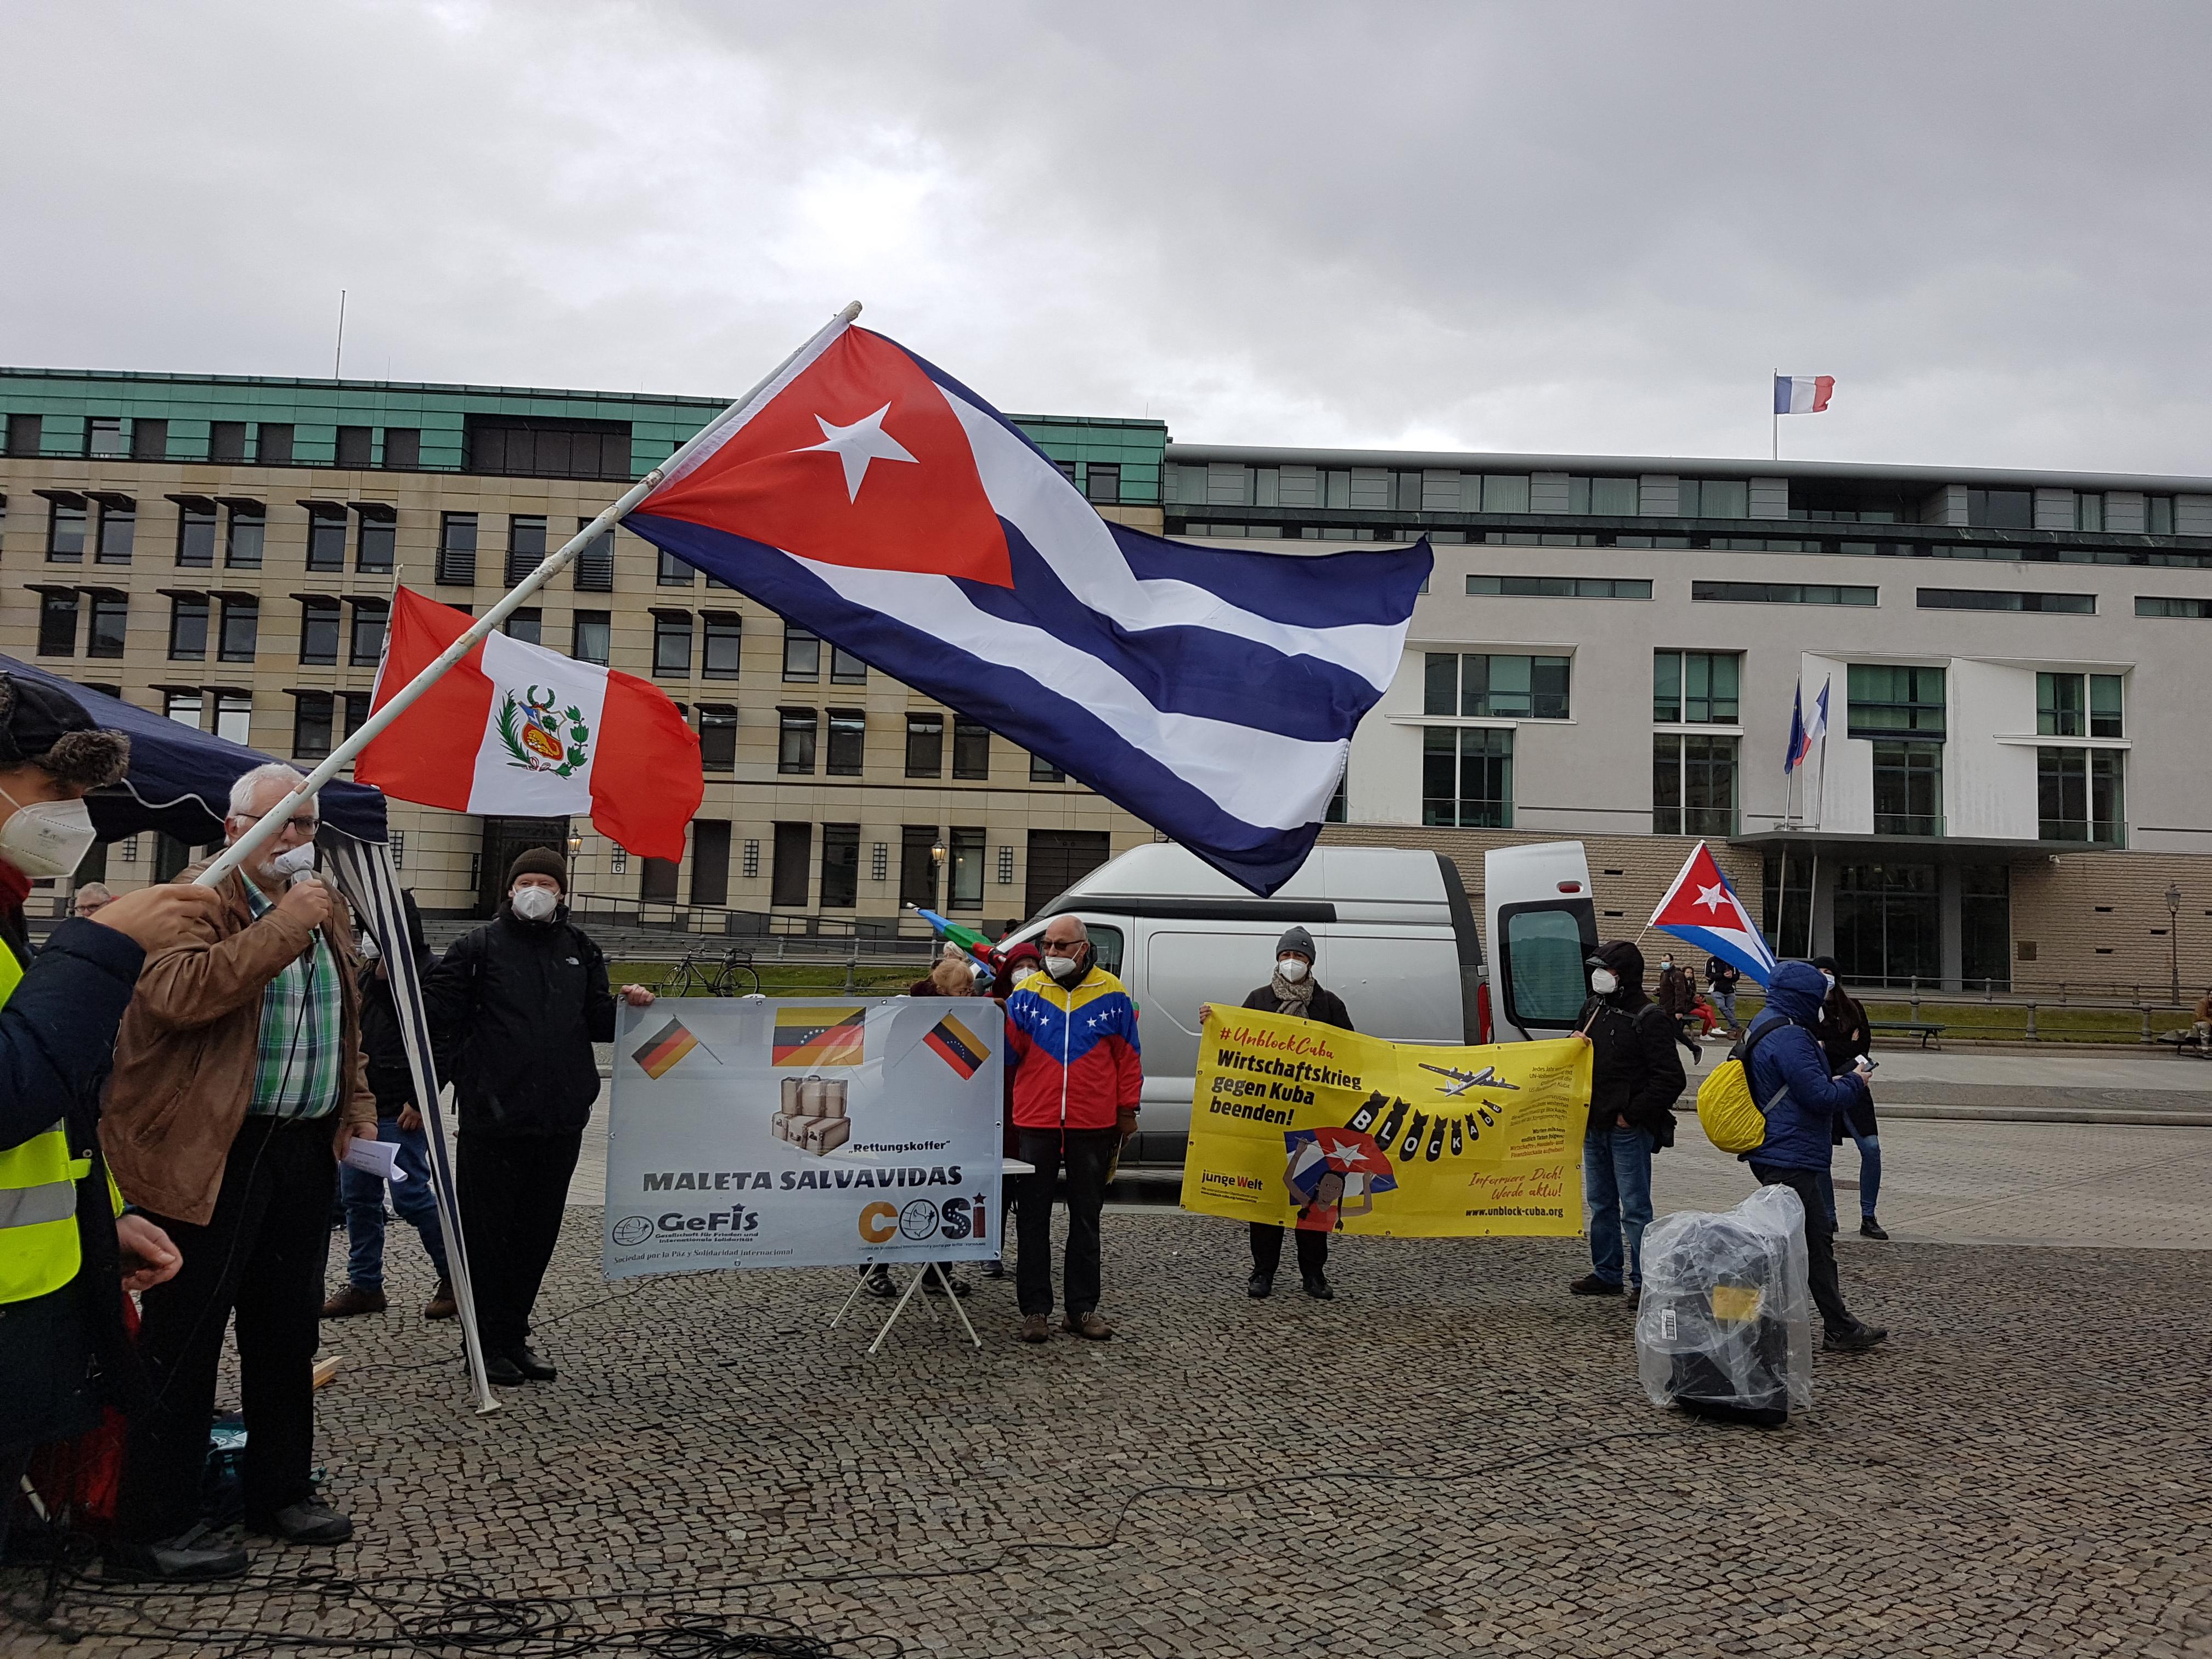 Karawane gegen die Blockade